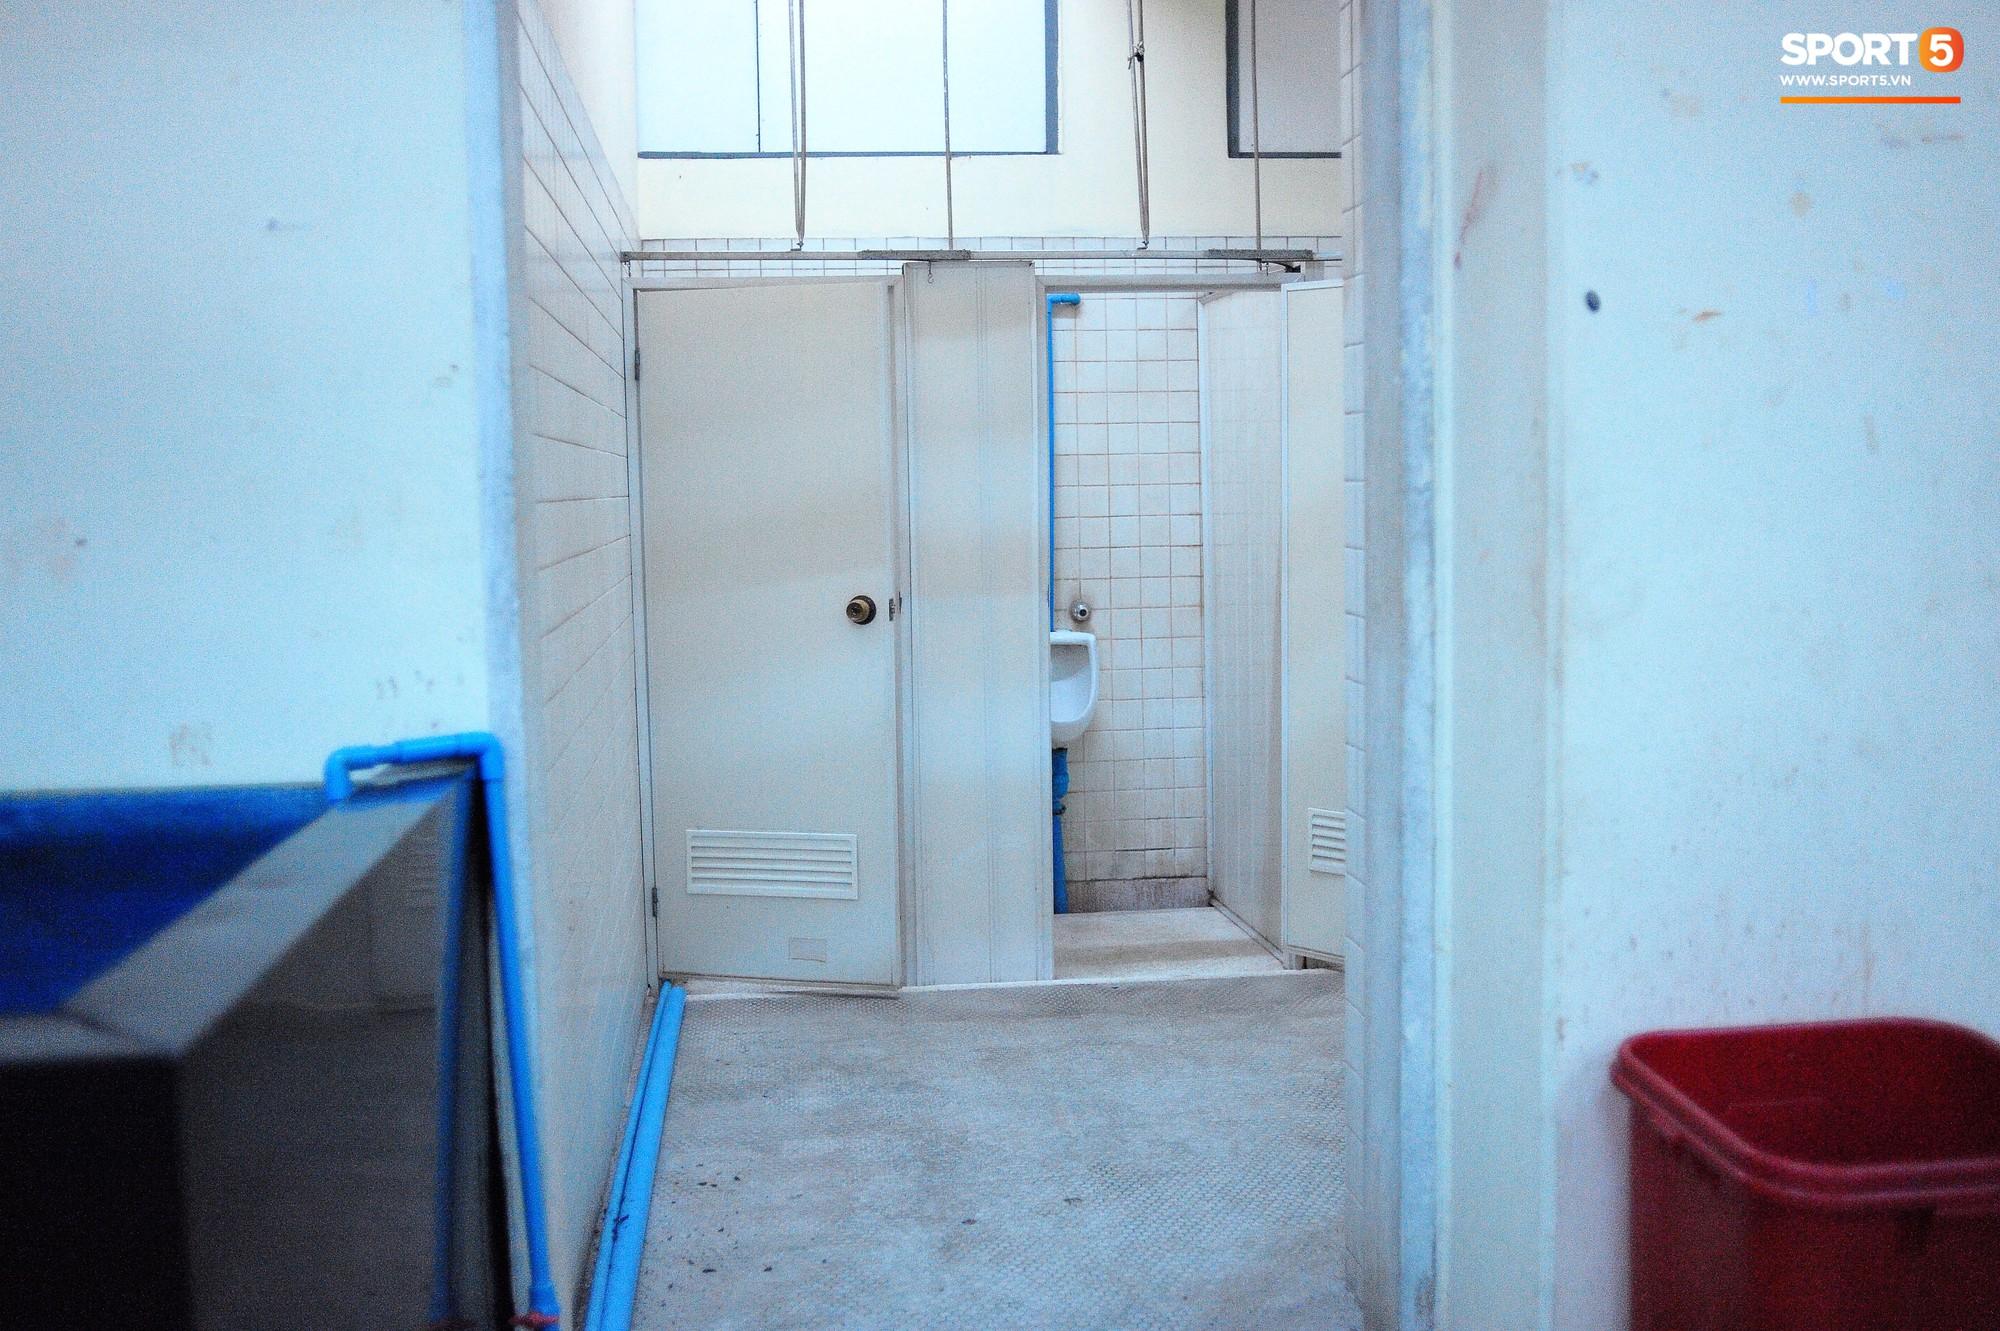 Vietnamese satellite room in Myanmar: rustic toilets, rustic seats - Picture 4.